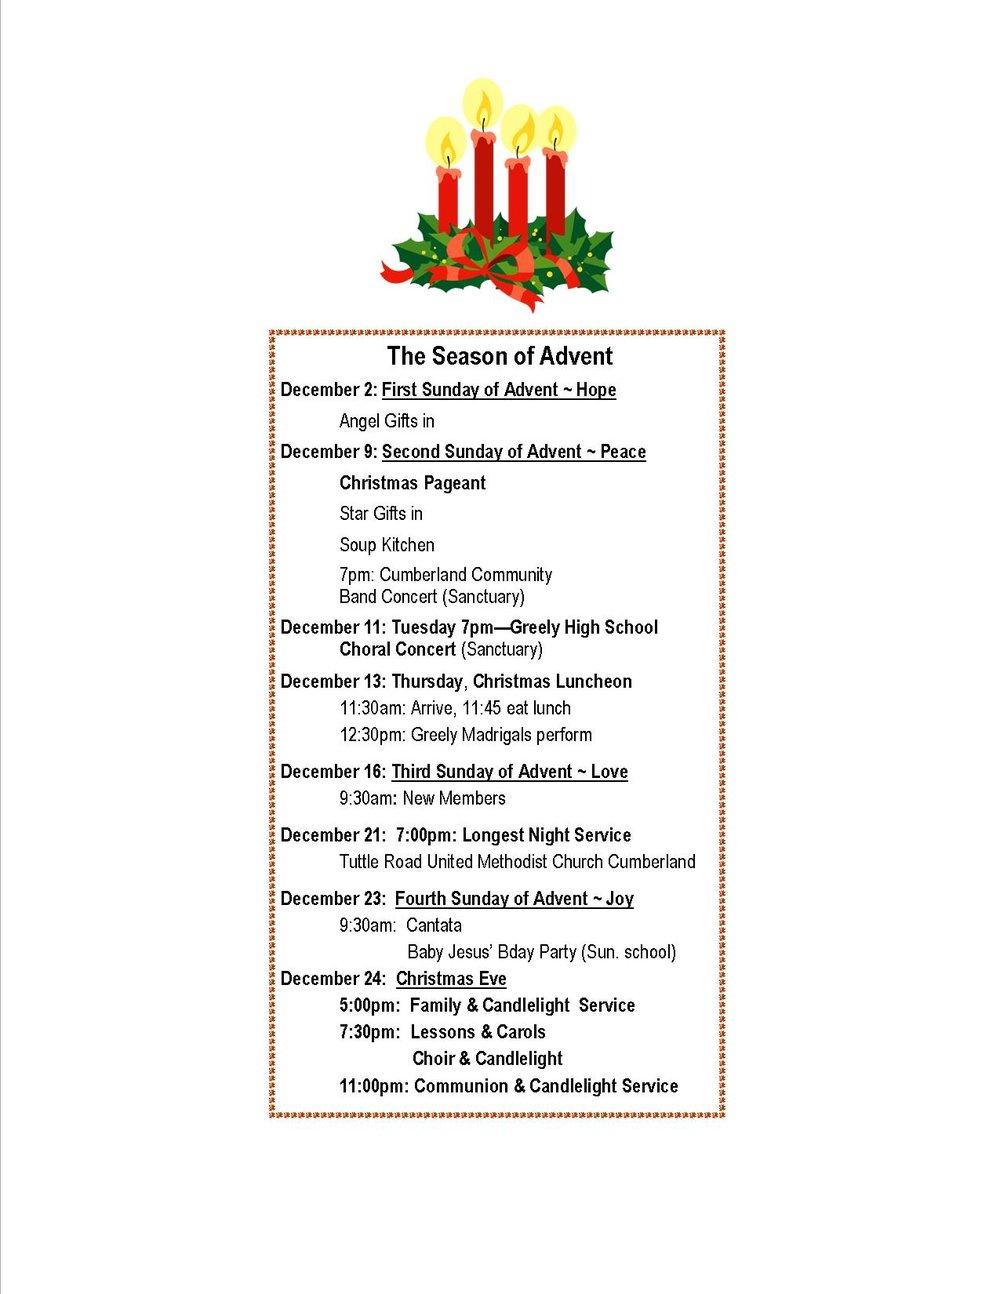 advent schedule 2018.jpg